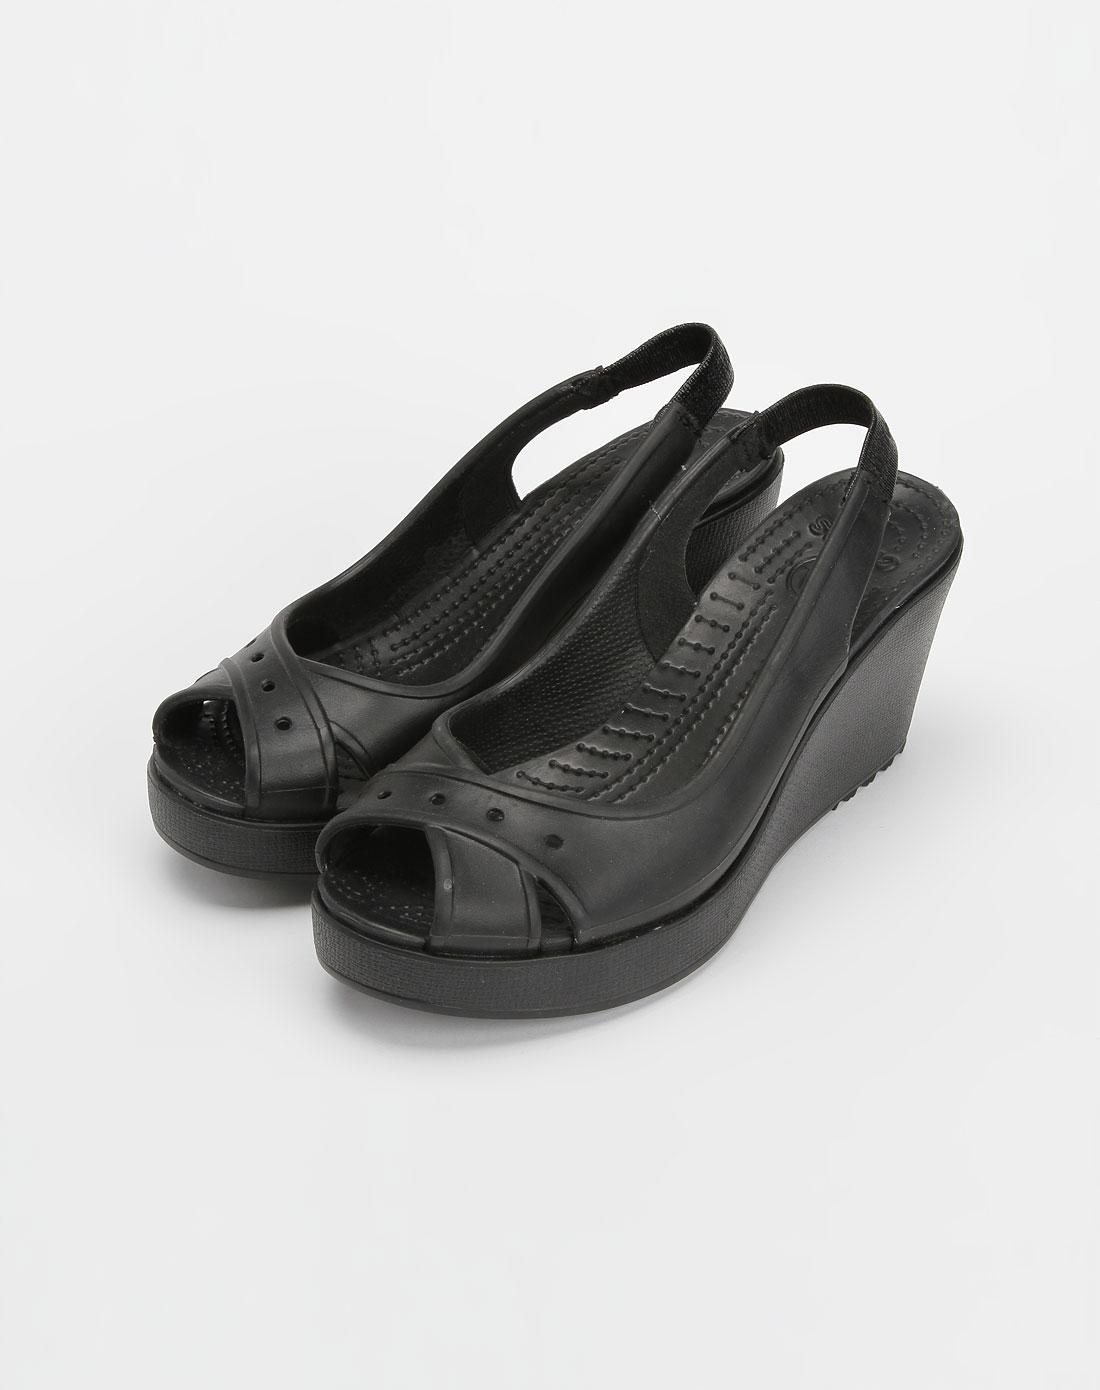 卡路驰crocs 黑色高跟休闲凉鞋